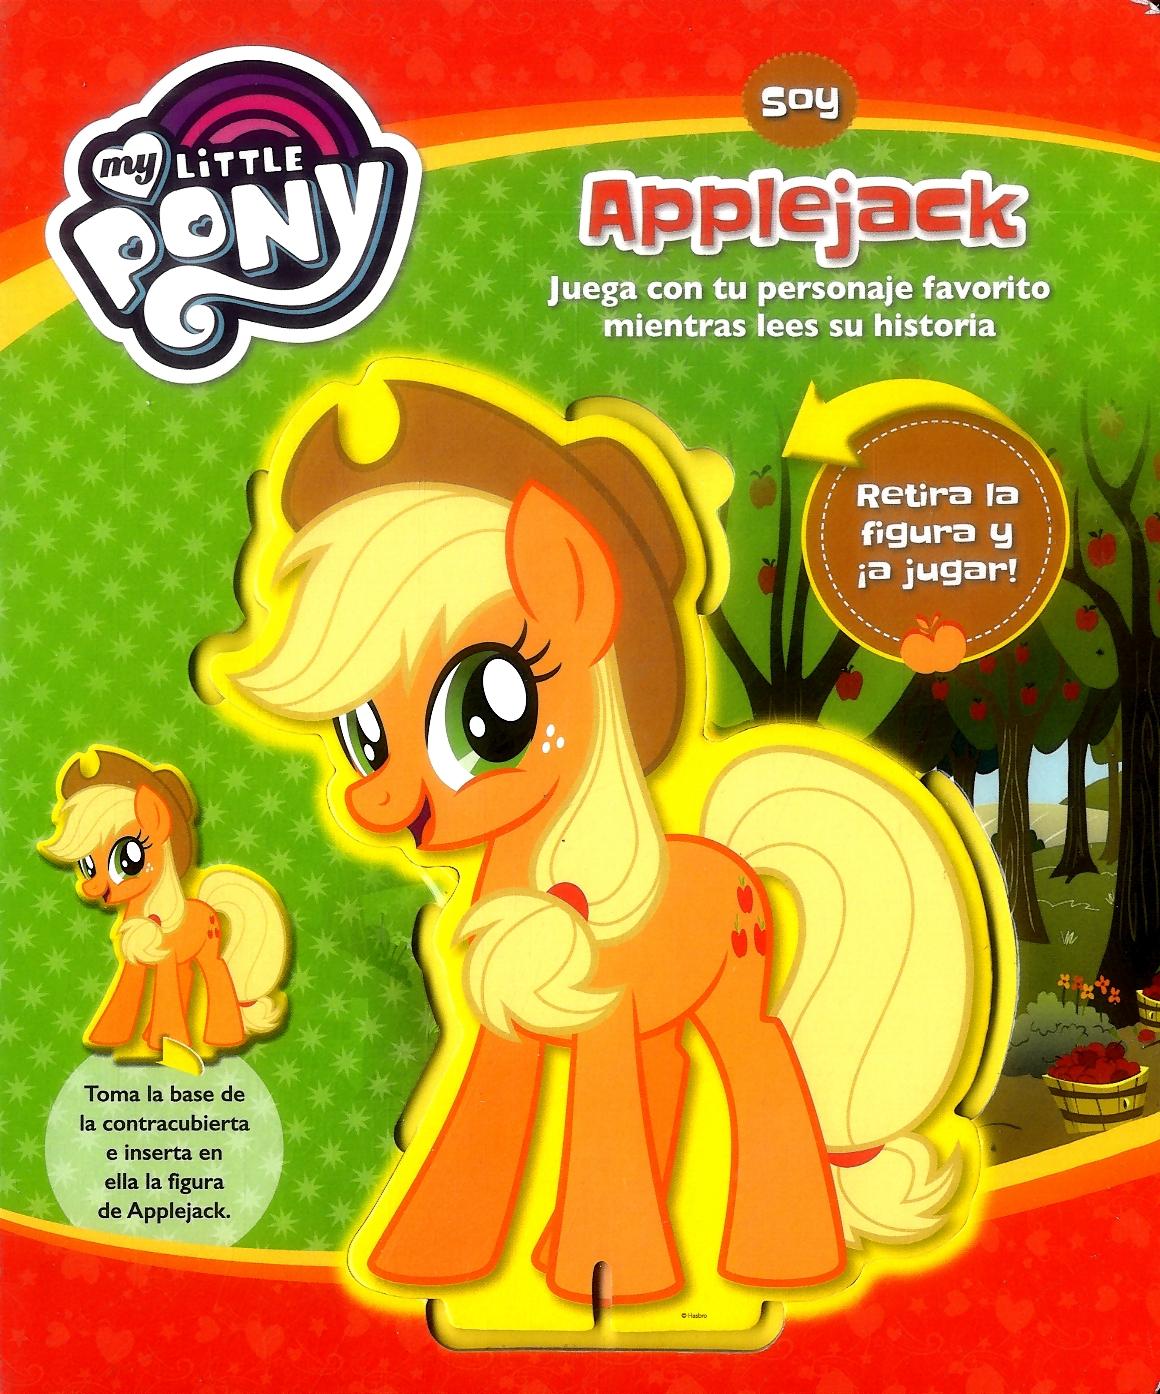 Soy Applejack - my Little Pony - Liliana Martinez - Parragón Planeta